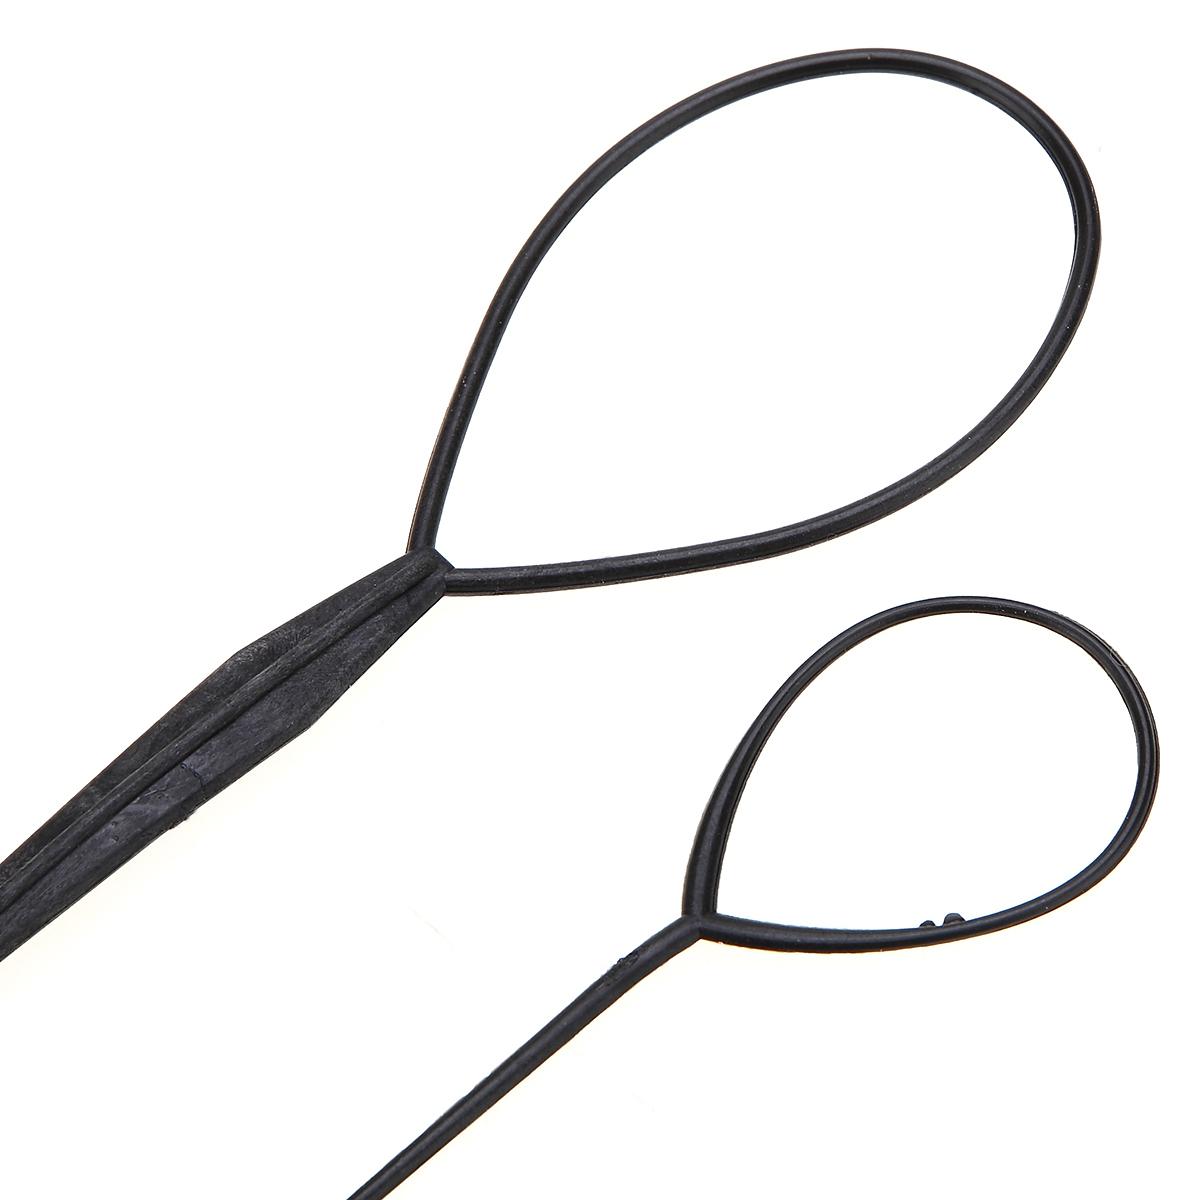 2 pz / set Pull Capelli Ago Coda di Cavallo Capelli Braider Creatore Loop Styling Coda Clip Capelli Treccia Maker Styling Strumenti Fai Da Te